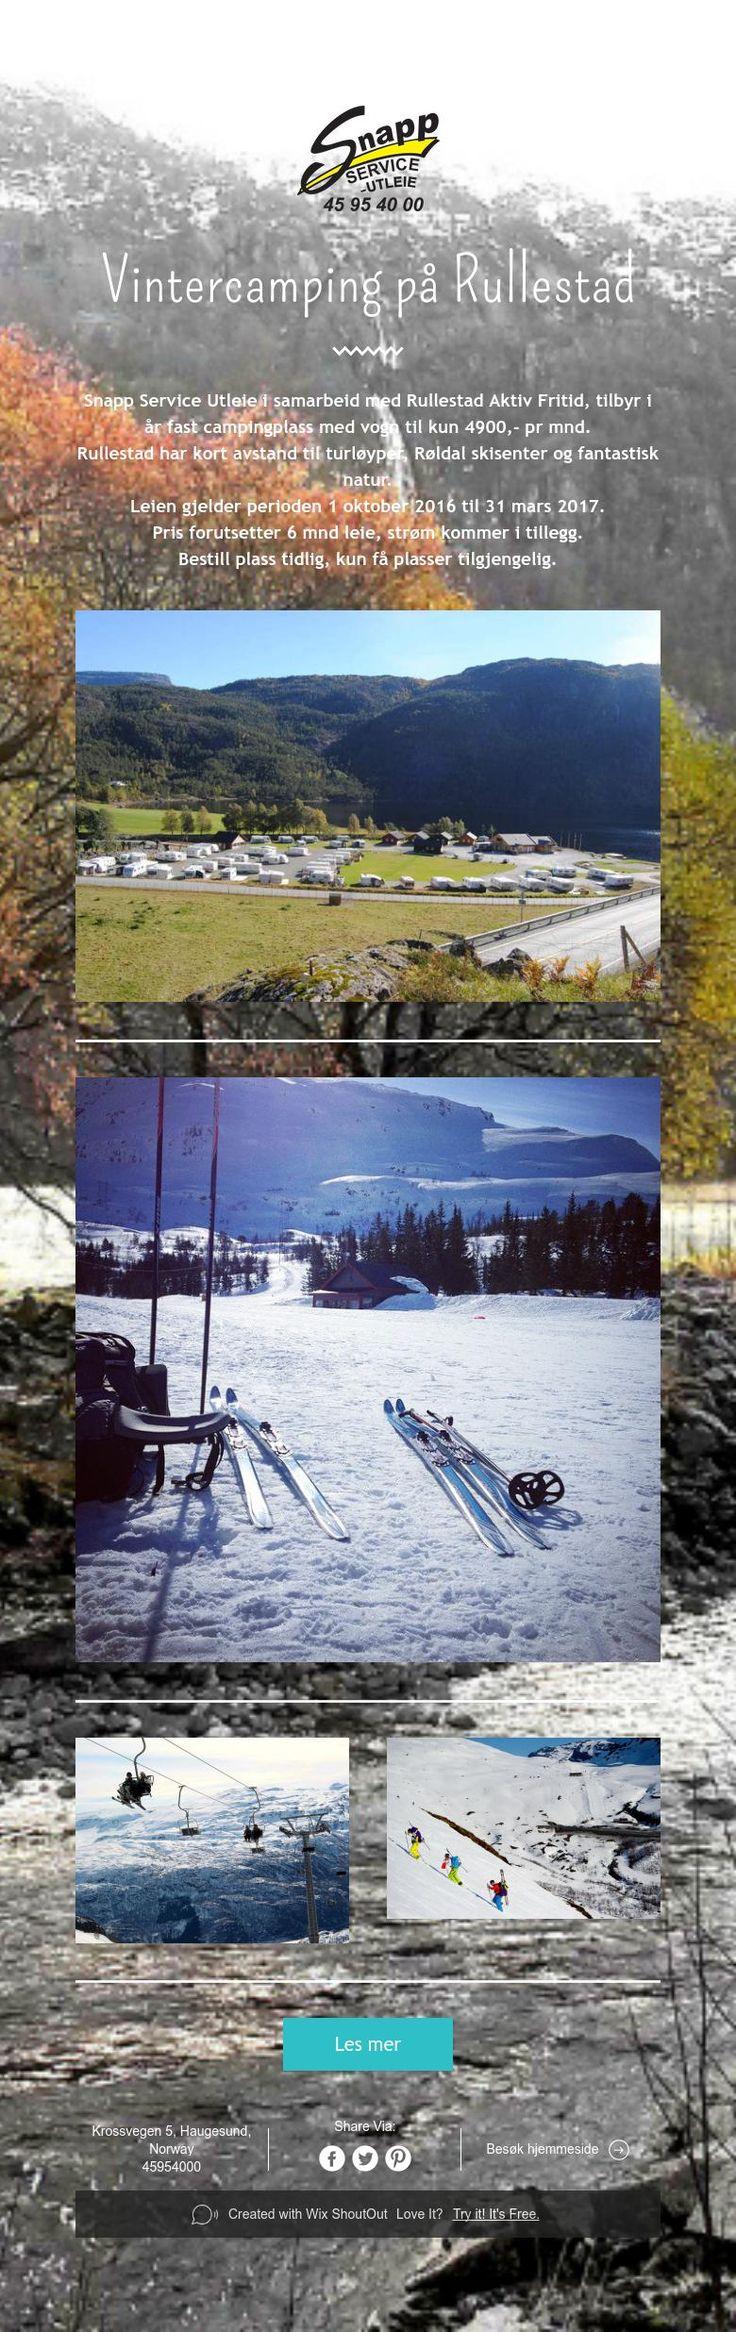 Vintercamping på Rullestad